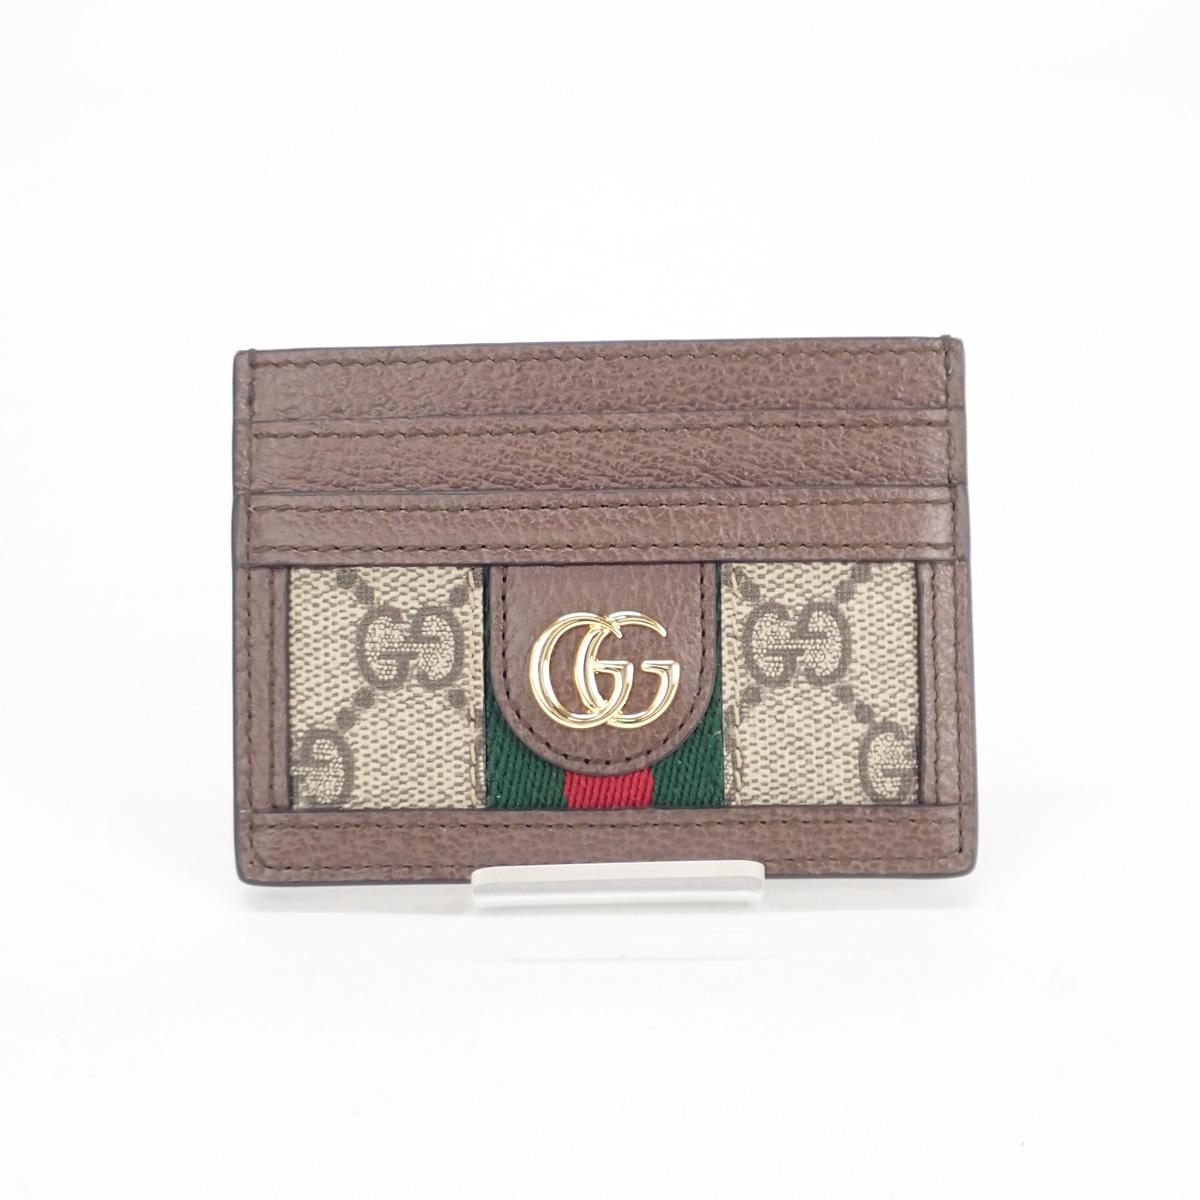 【辛口評価】【Sランク】GUCCI グッチ オフディア GG カードケース 523159 96IWG 8745 ベージュ エボニー